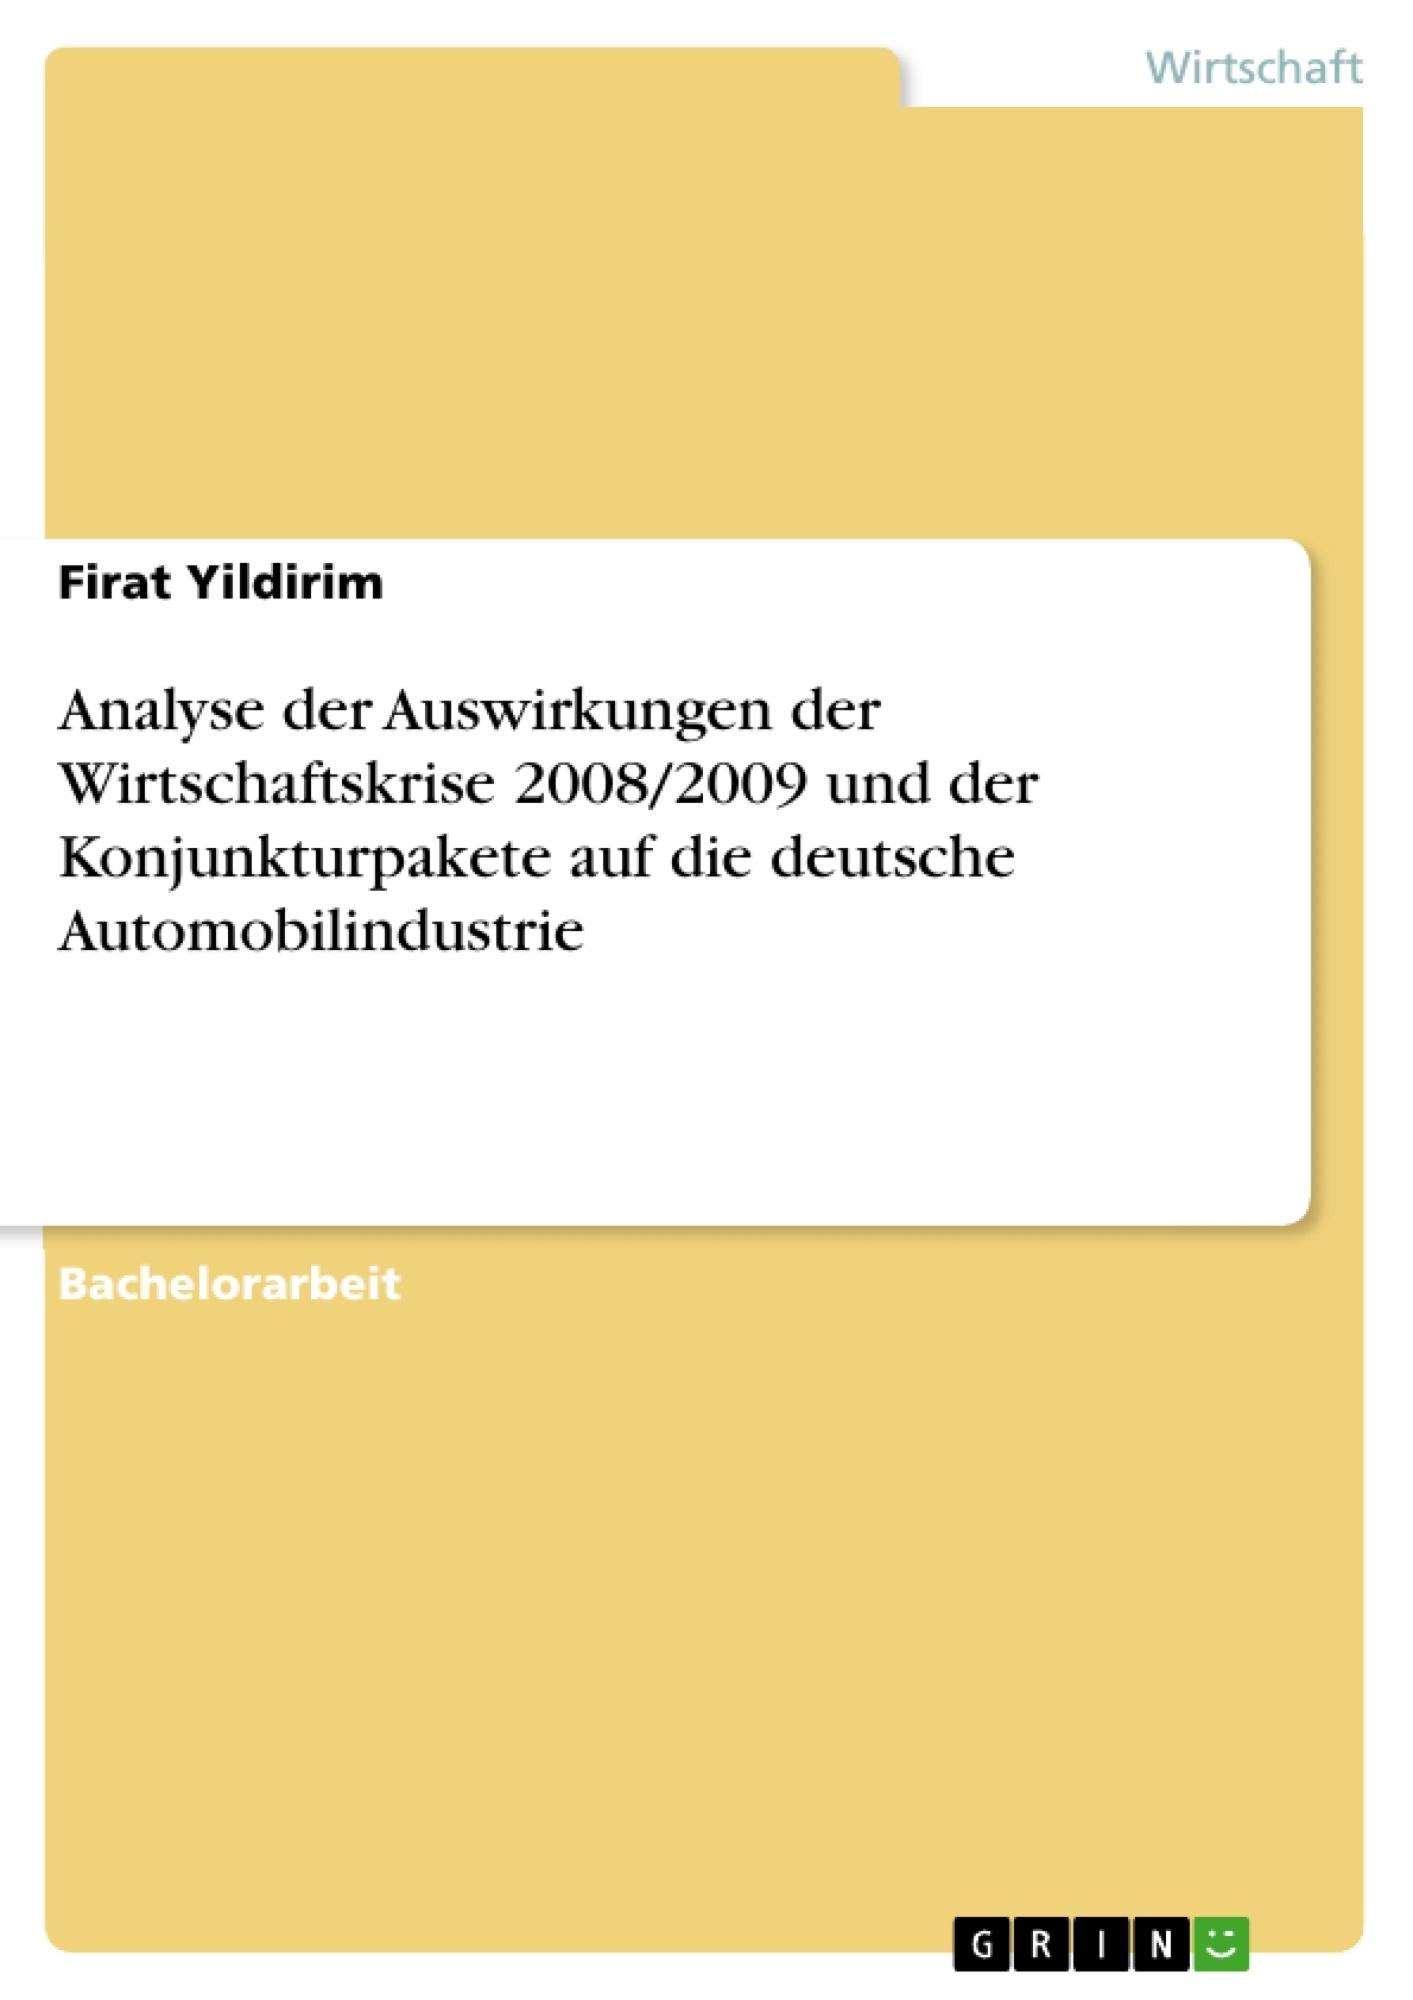 Titel: Analyse der Auswirkungen der Wirtschaftskrise 2008/2009 und der Konjunkturpakete auf die deutsche Automobilindustrie